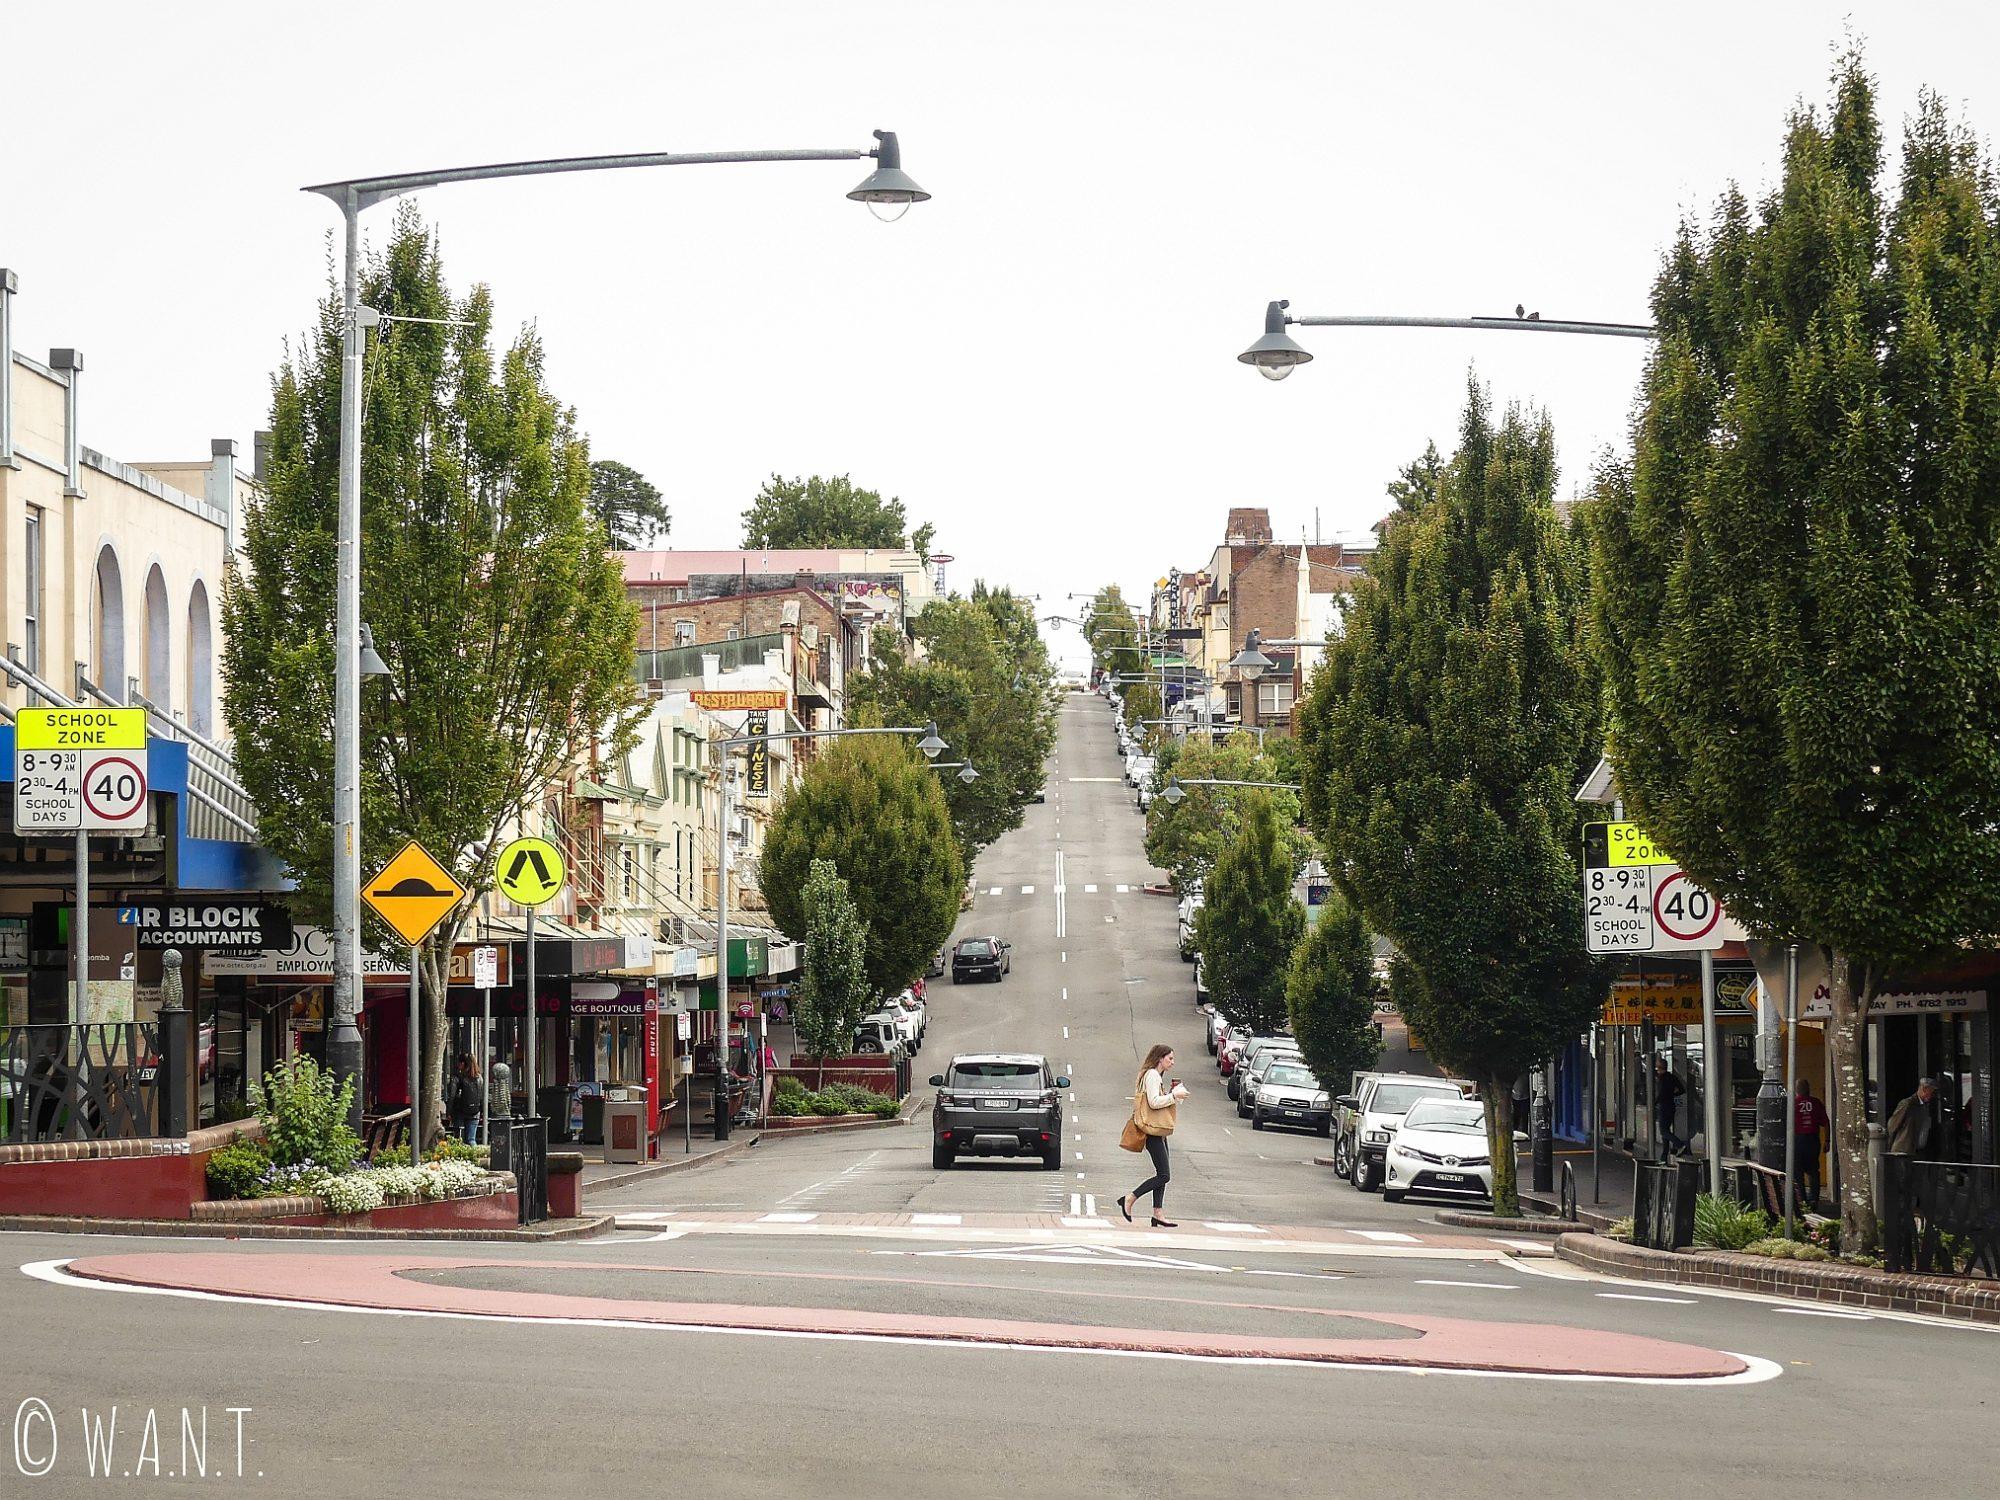 Dans le centre ville de Katoomba, au coeur des Blue Mountains